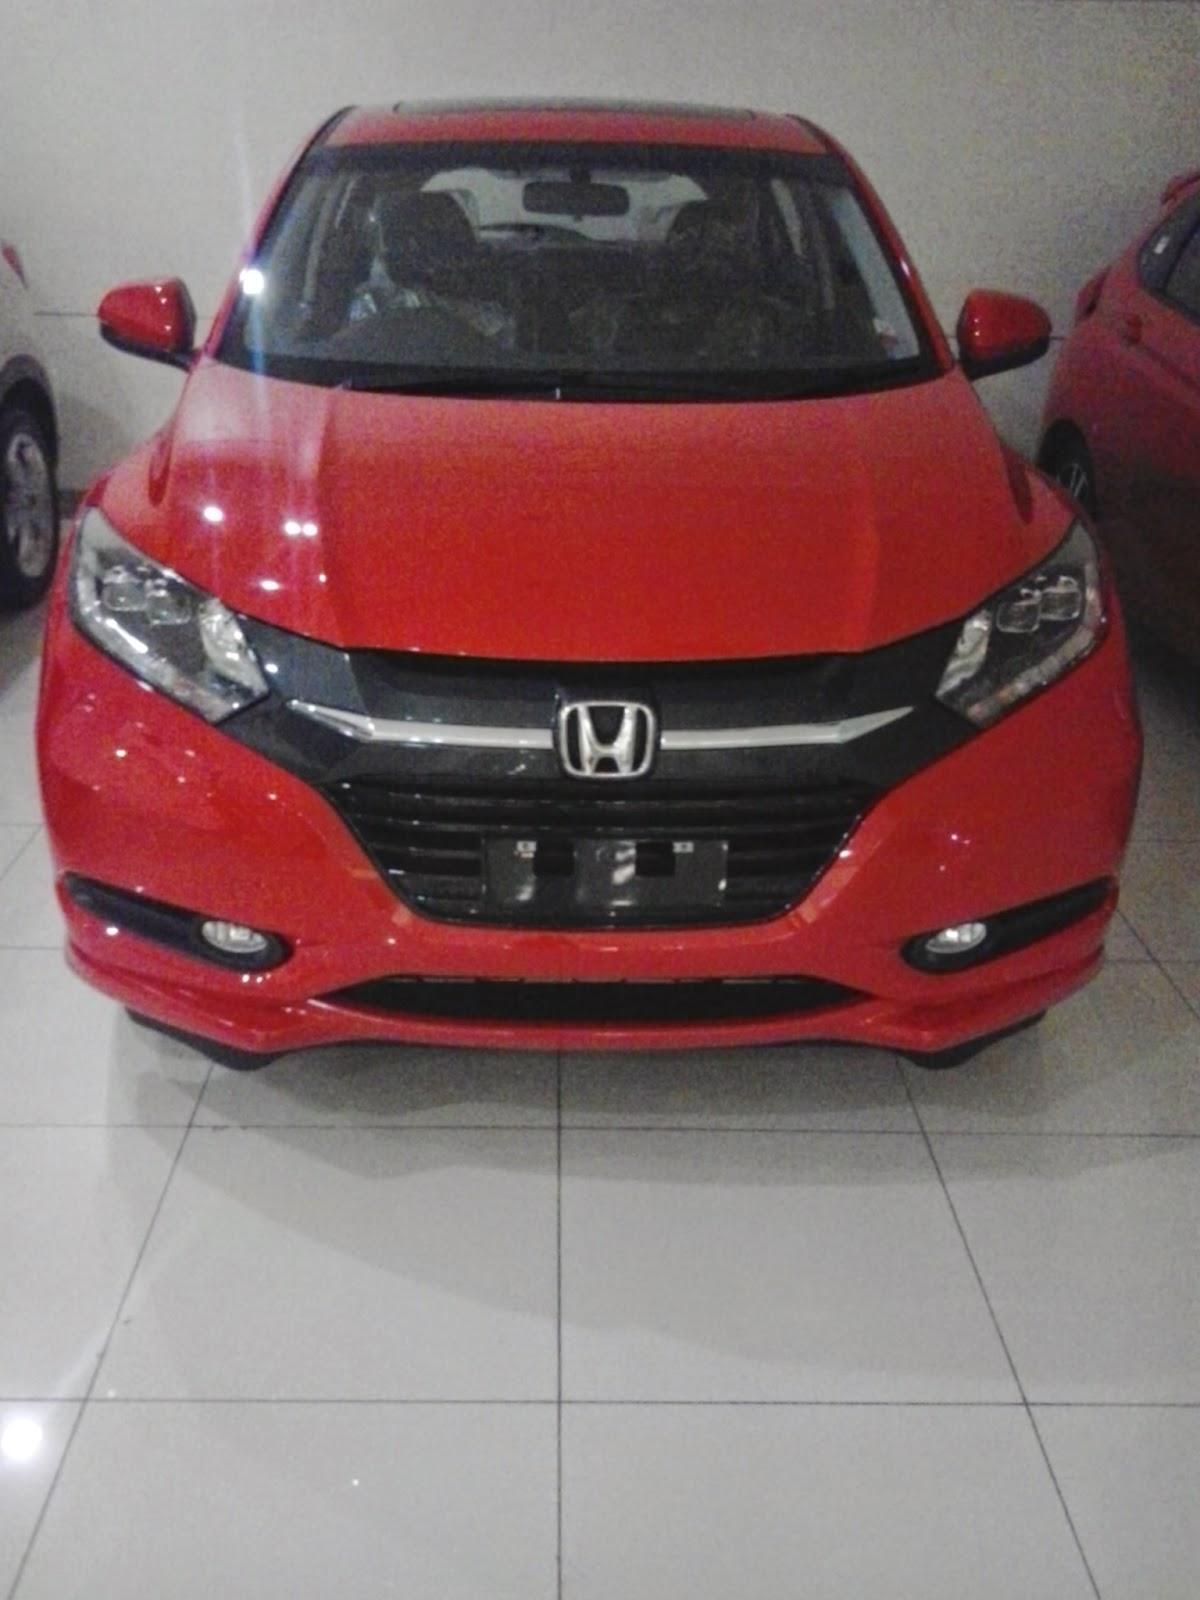 Honda HRV Merah Di Dealer Mobil Honda Cikarang